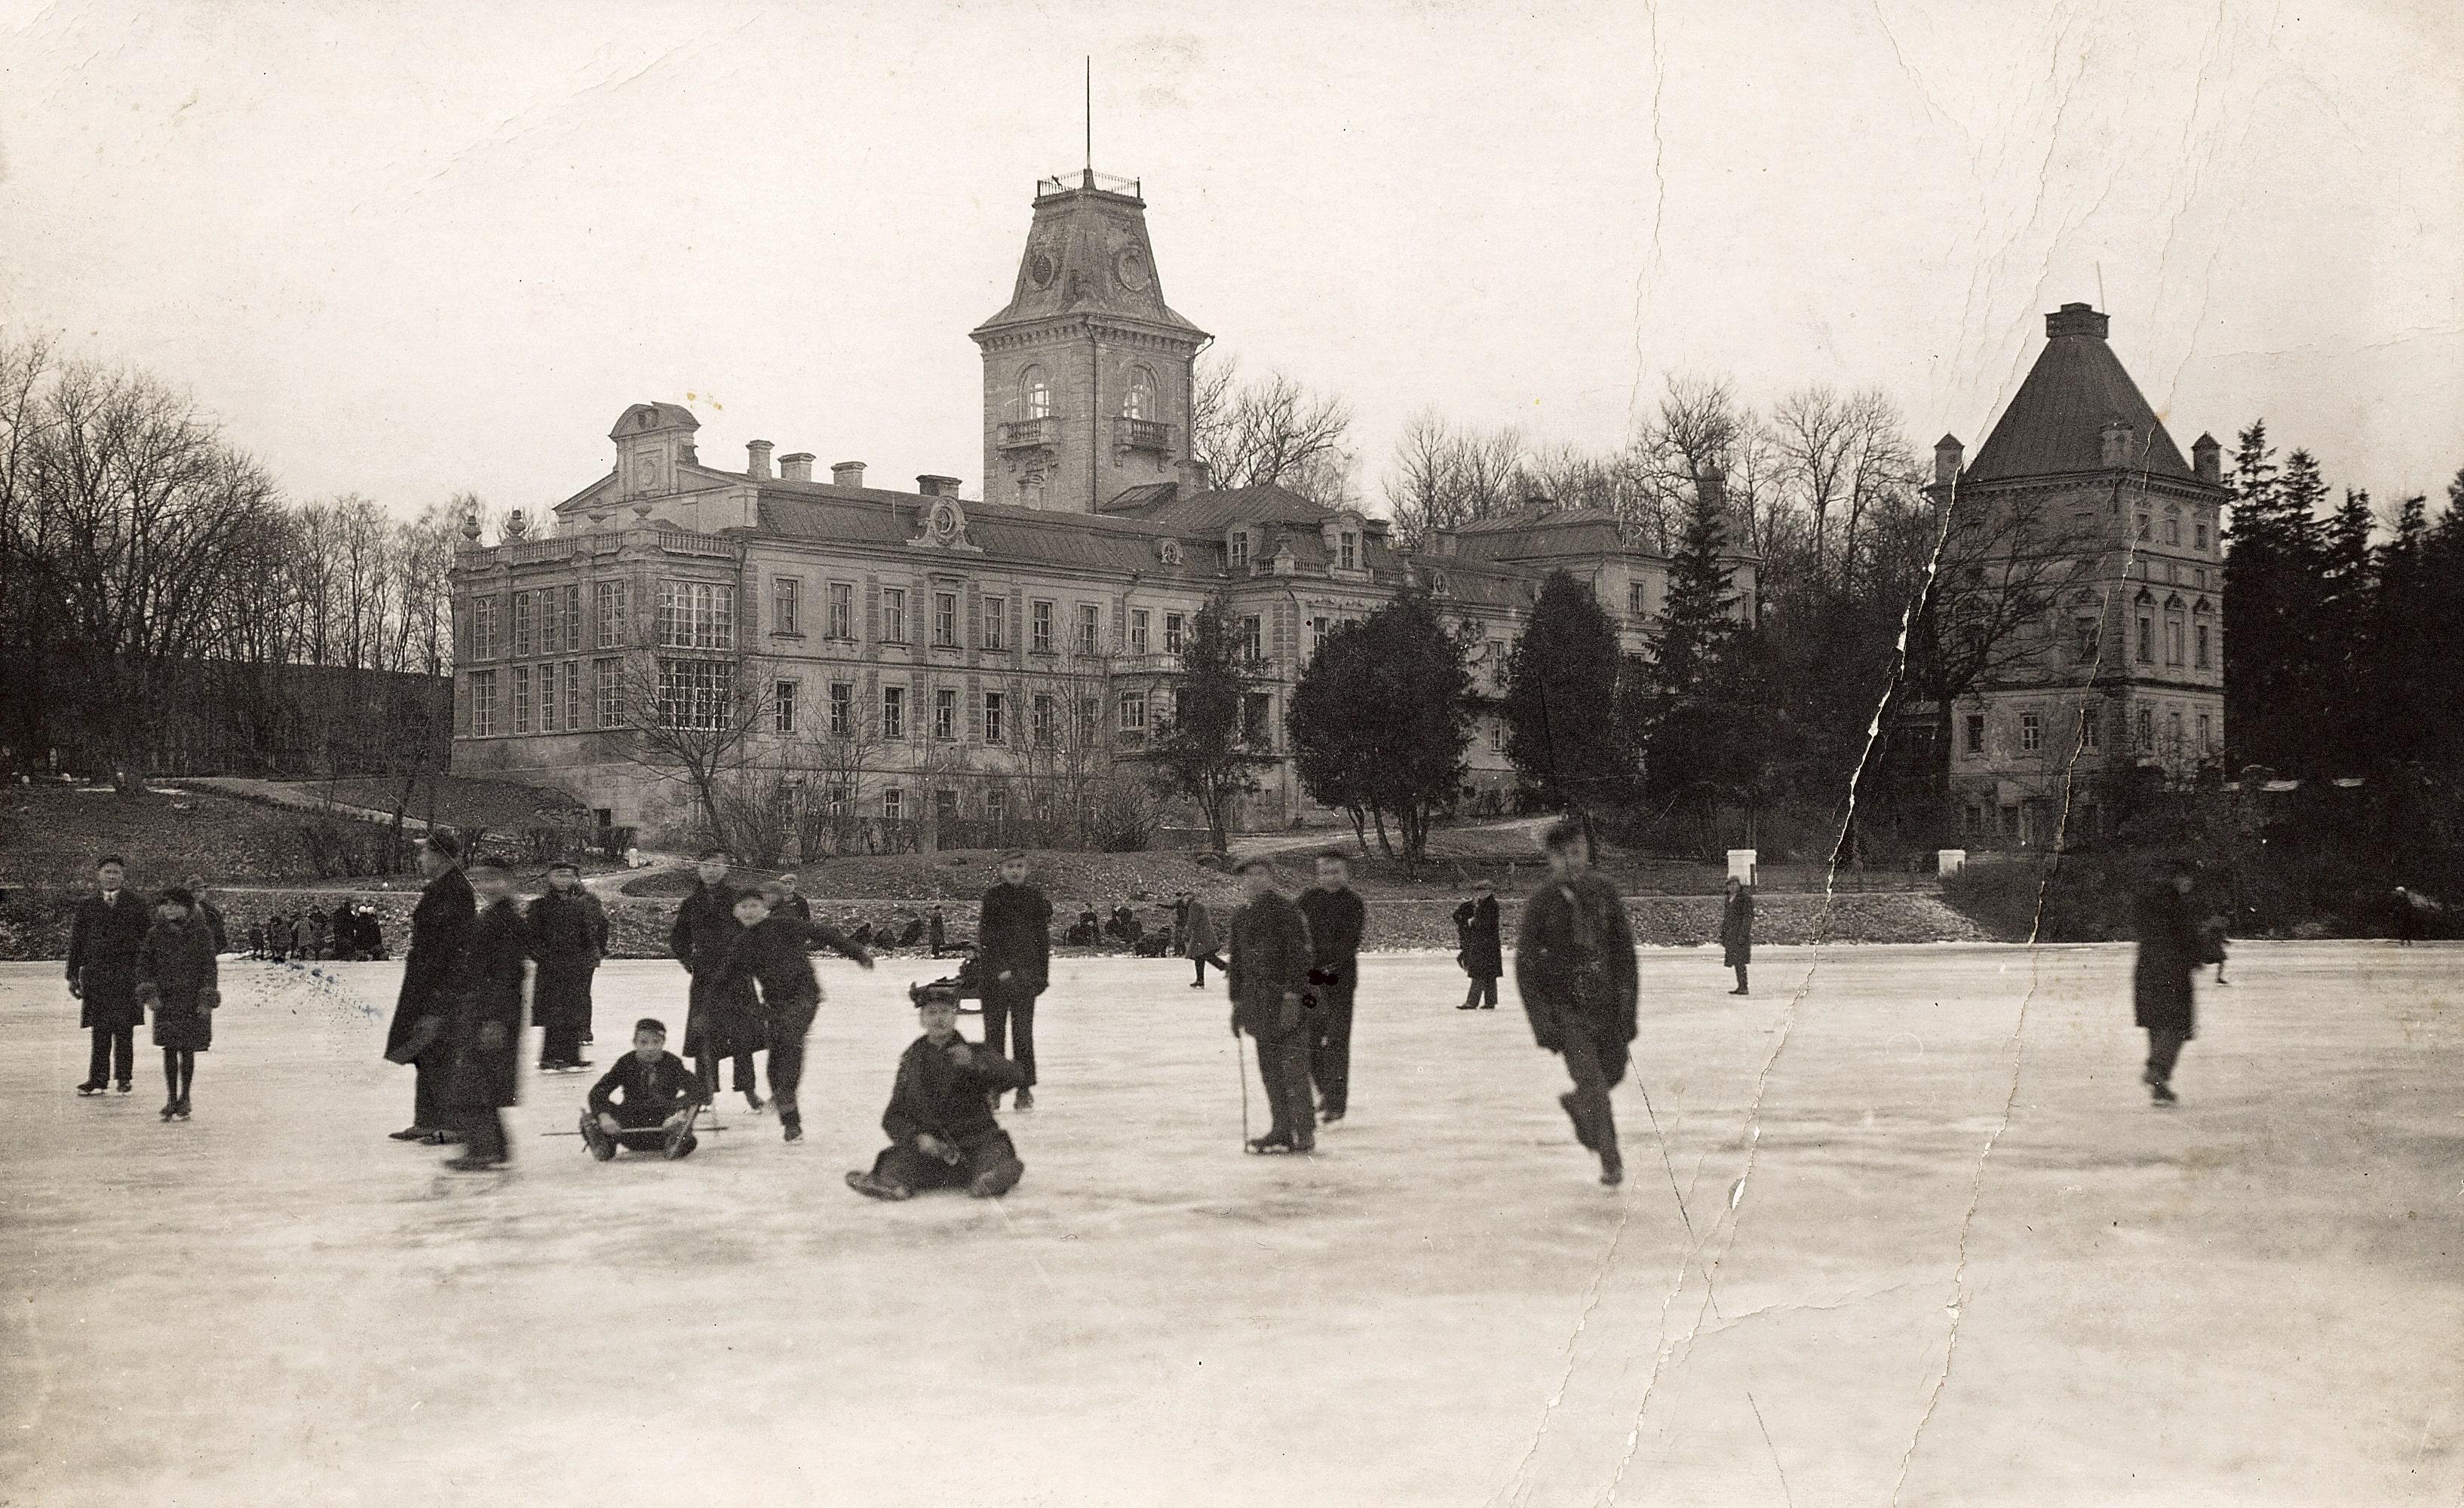 Aukštesnioji kultūrtechnikų mokykla buvusiuose Kėdainių dvaro rūmuose ir užtvenkta Dotnuvėlė žiemą. 1944 liepos 30 d. rūmai susprogdinti nacių